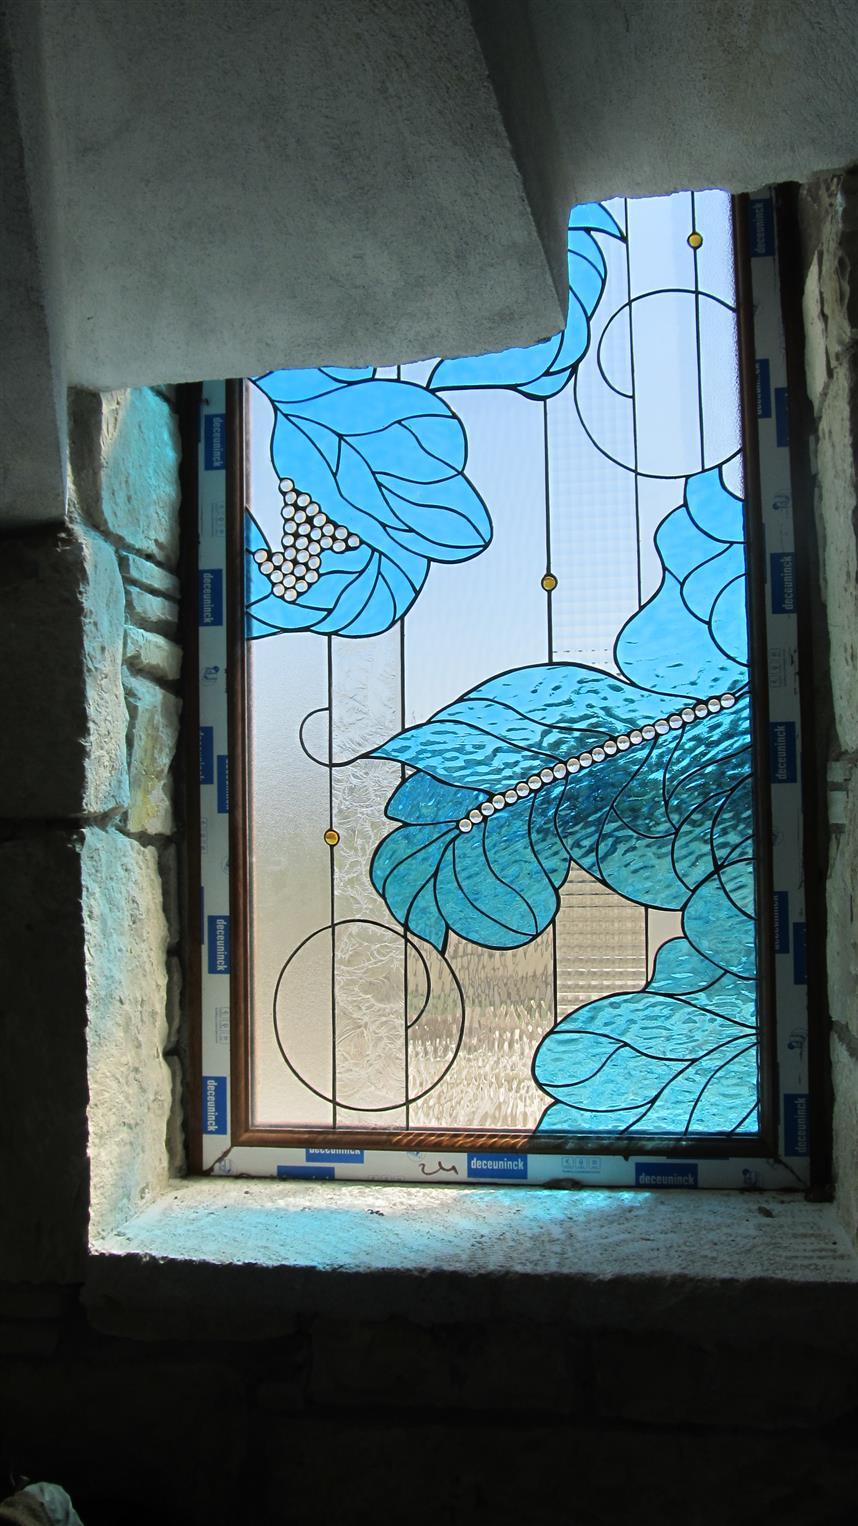 urla-evleri-vitray-calismasi201652145022815.jpg izmir vitray çalışması